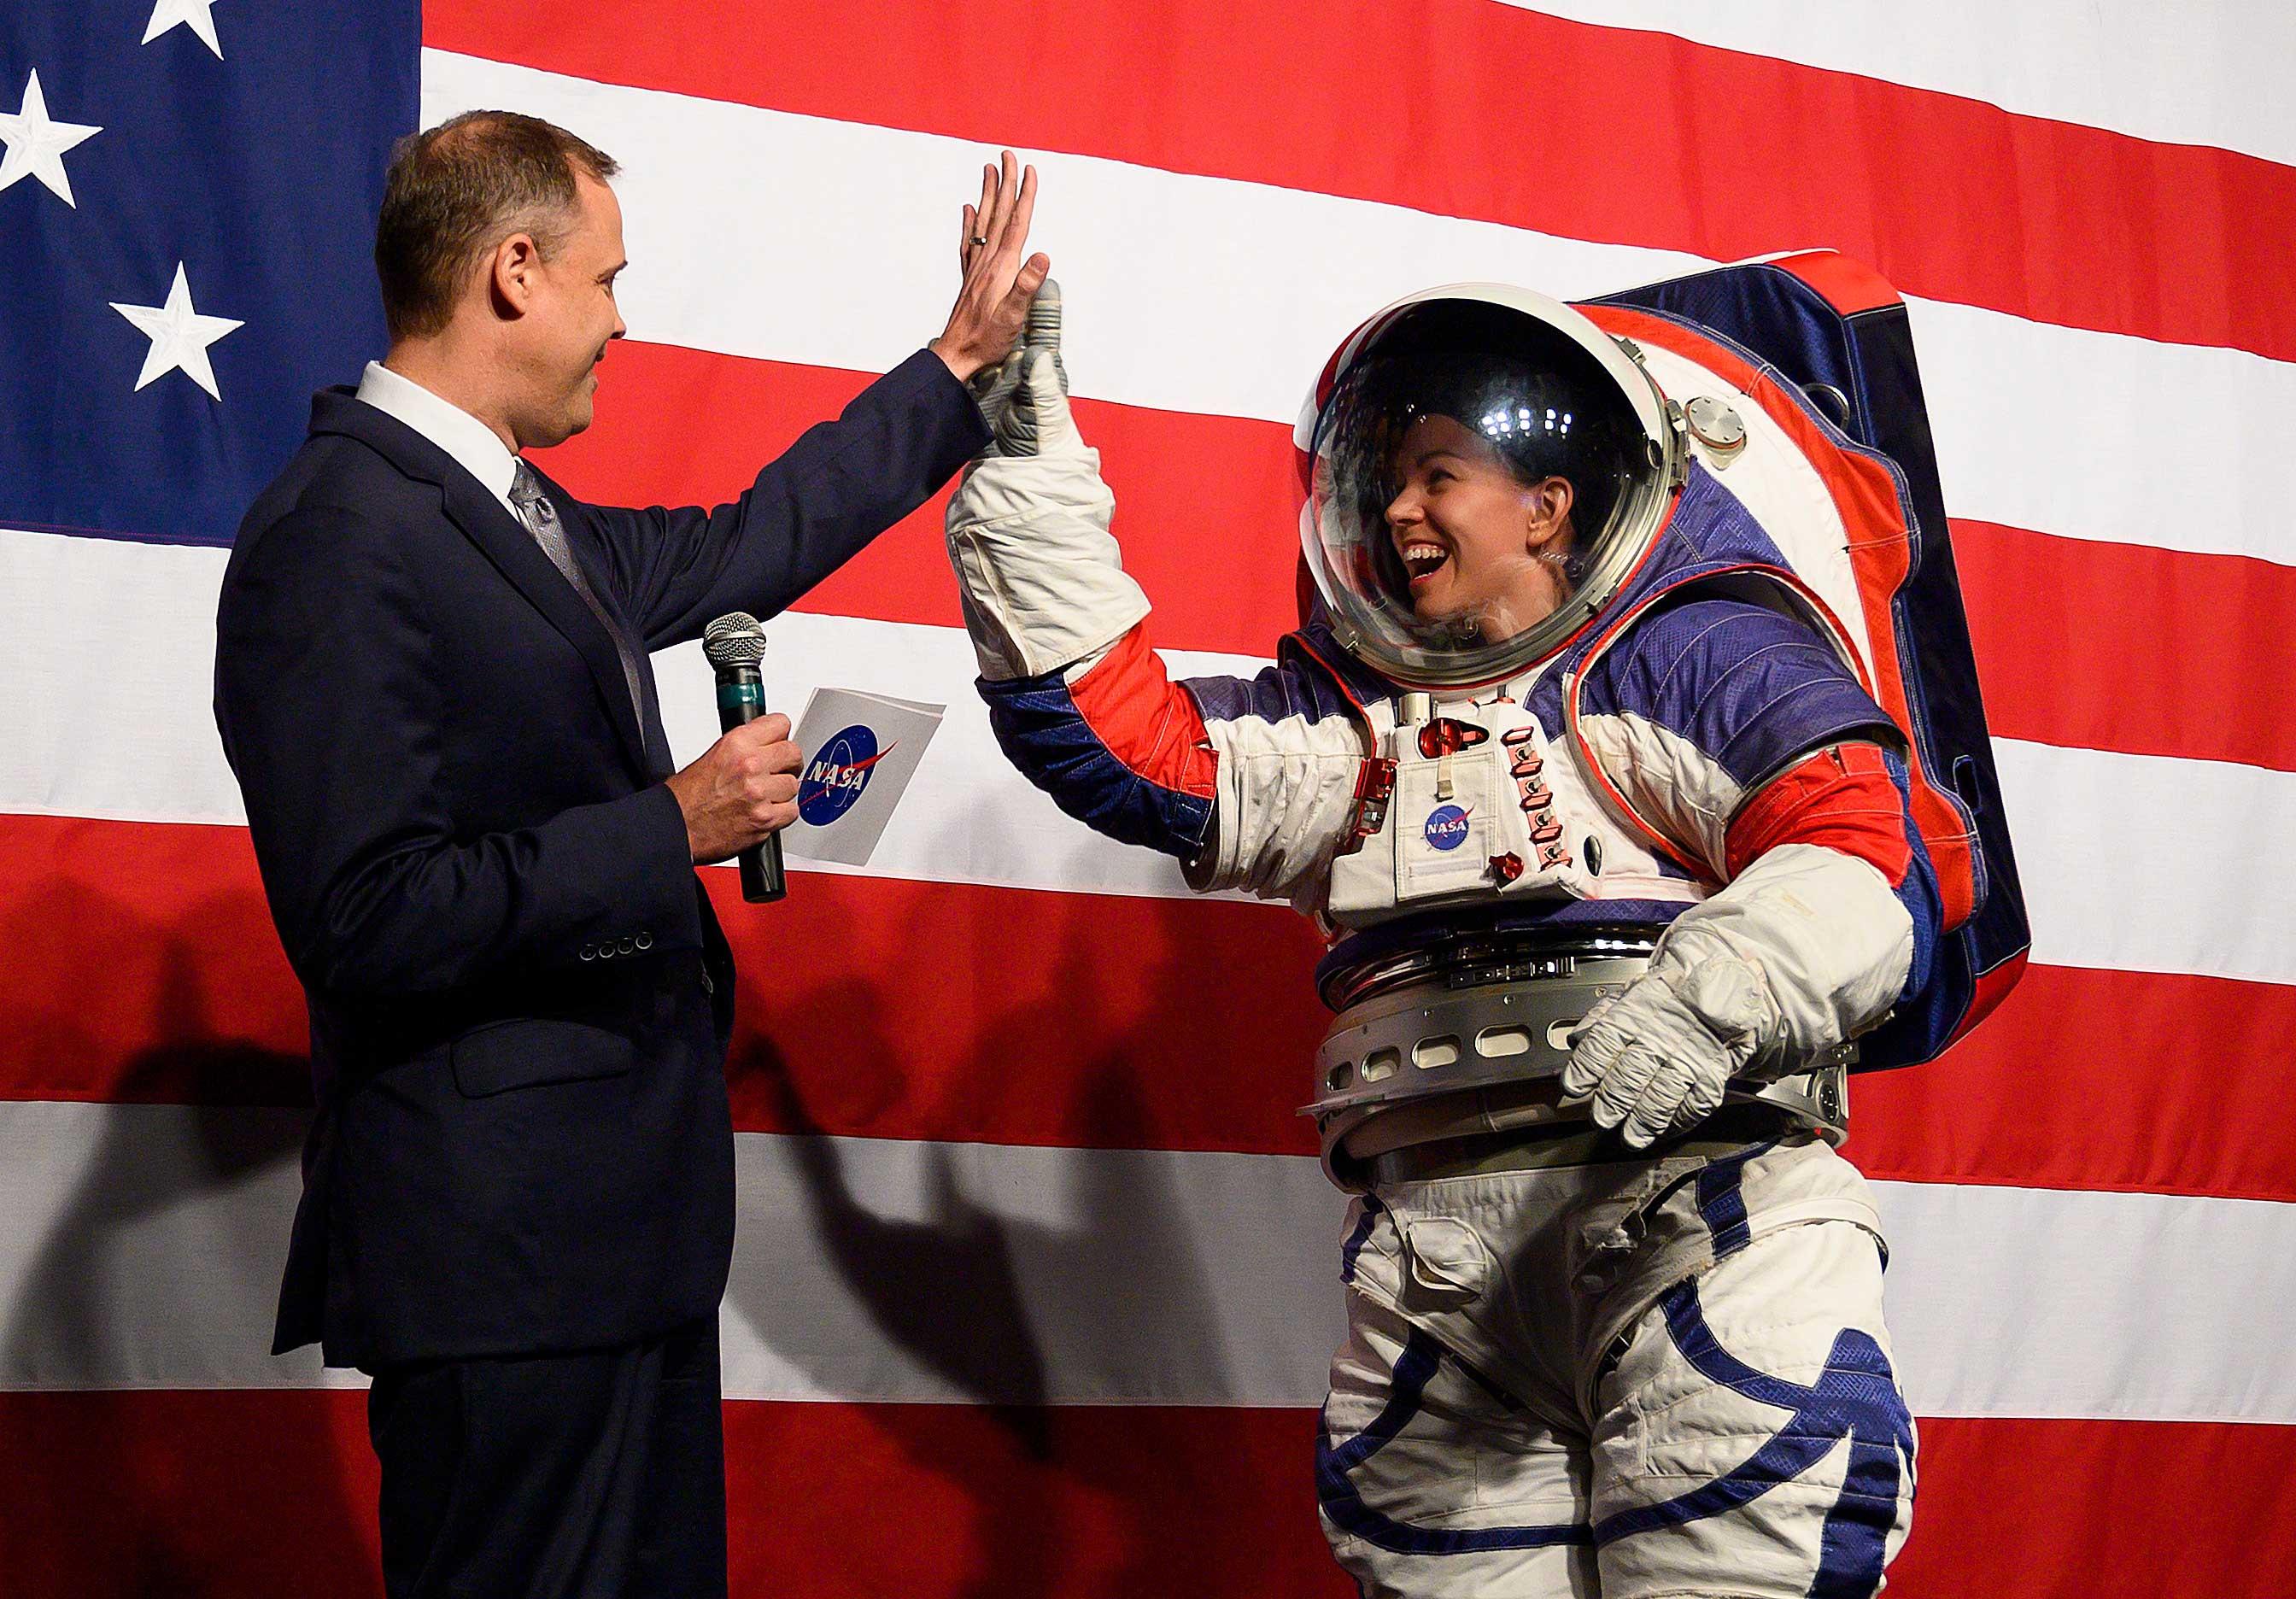 """Se trata de dos tipos de traje: uno para caminar en la Luna, blanco con banderas azules y rojas, llamado """"xEMU"""" (acrónimo en inglés de la Unidad móvil de exploración extravehicular)"""